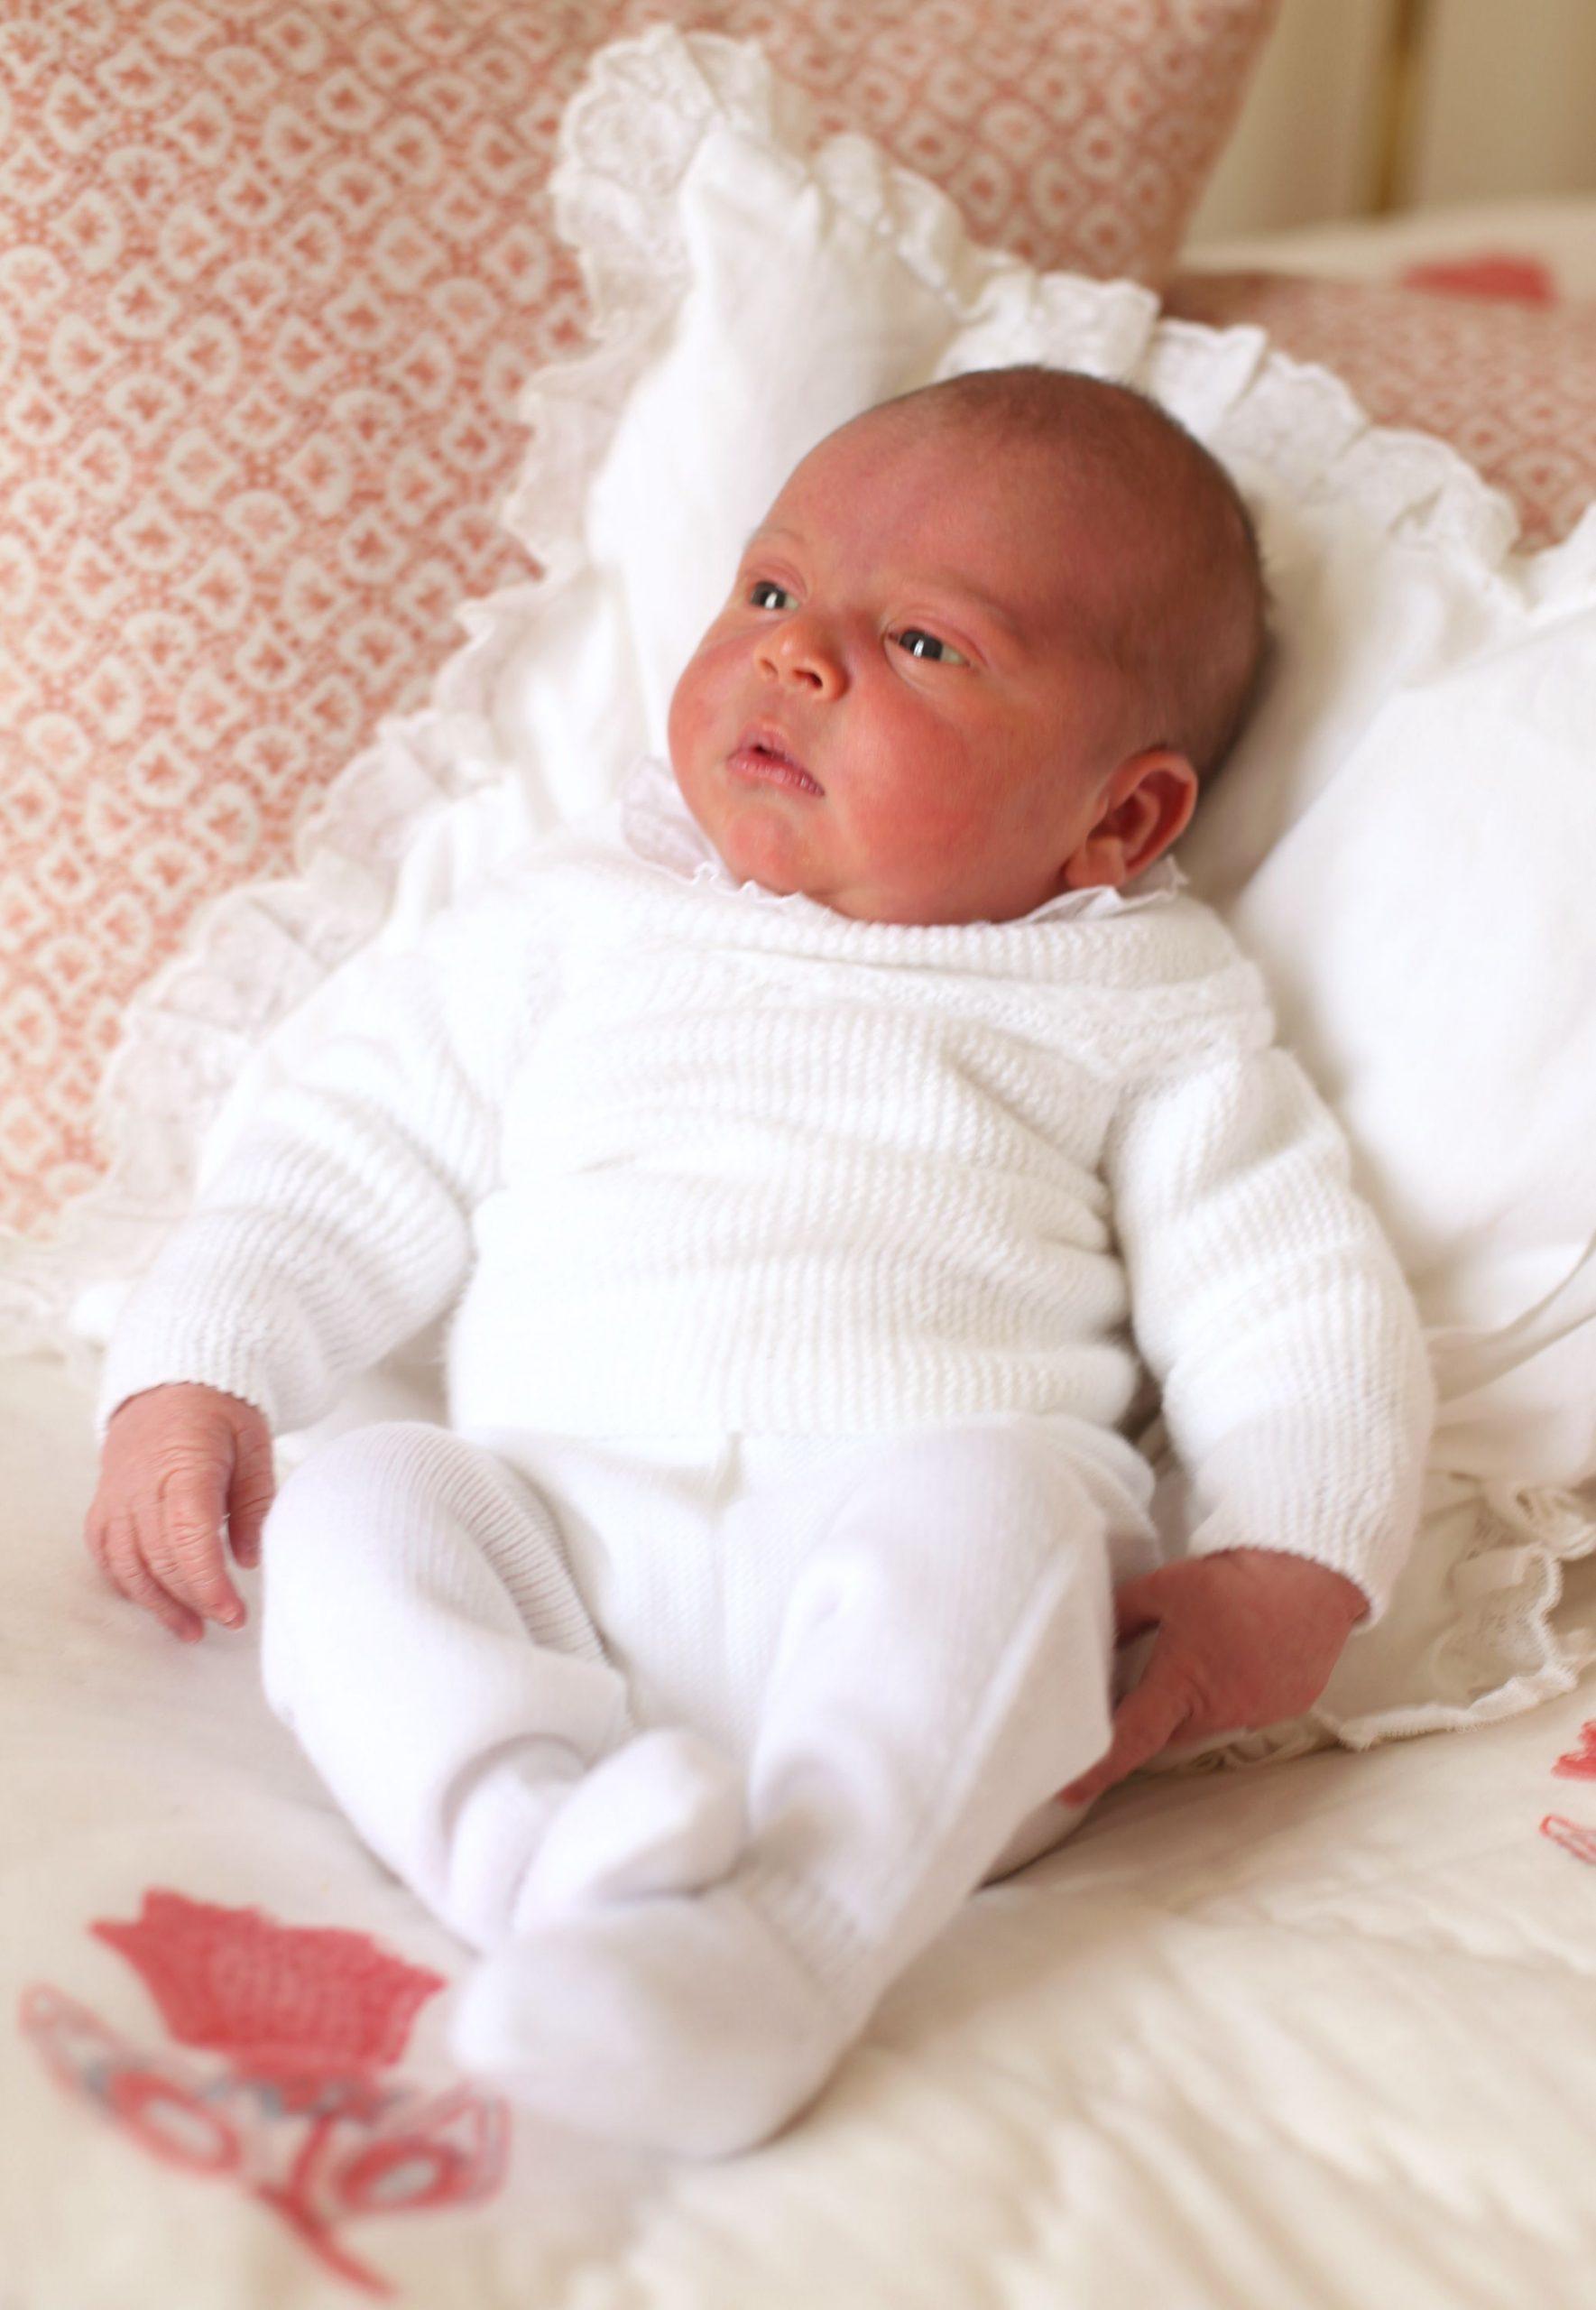 El príncipe Louis, el tercer hijo de los duques de Cambridge, es fotografiado por su madre a los pocos días de nacido en el Palacio de Kensington.